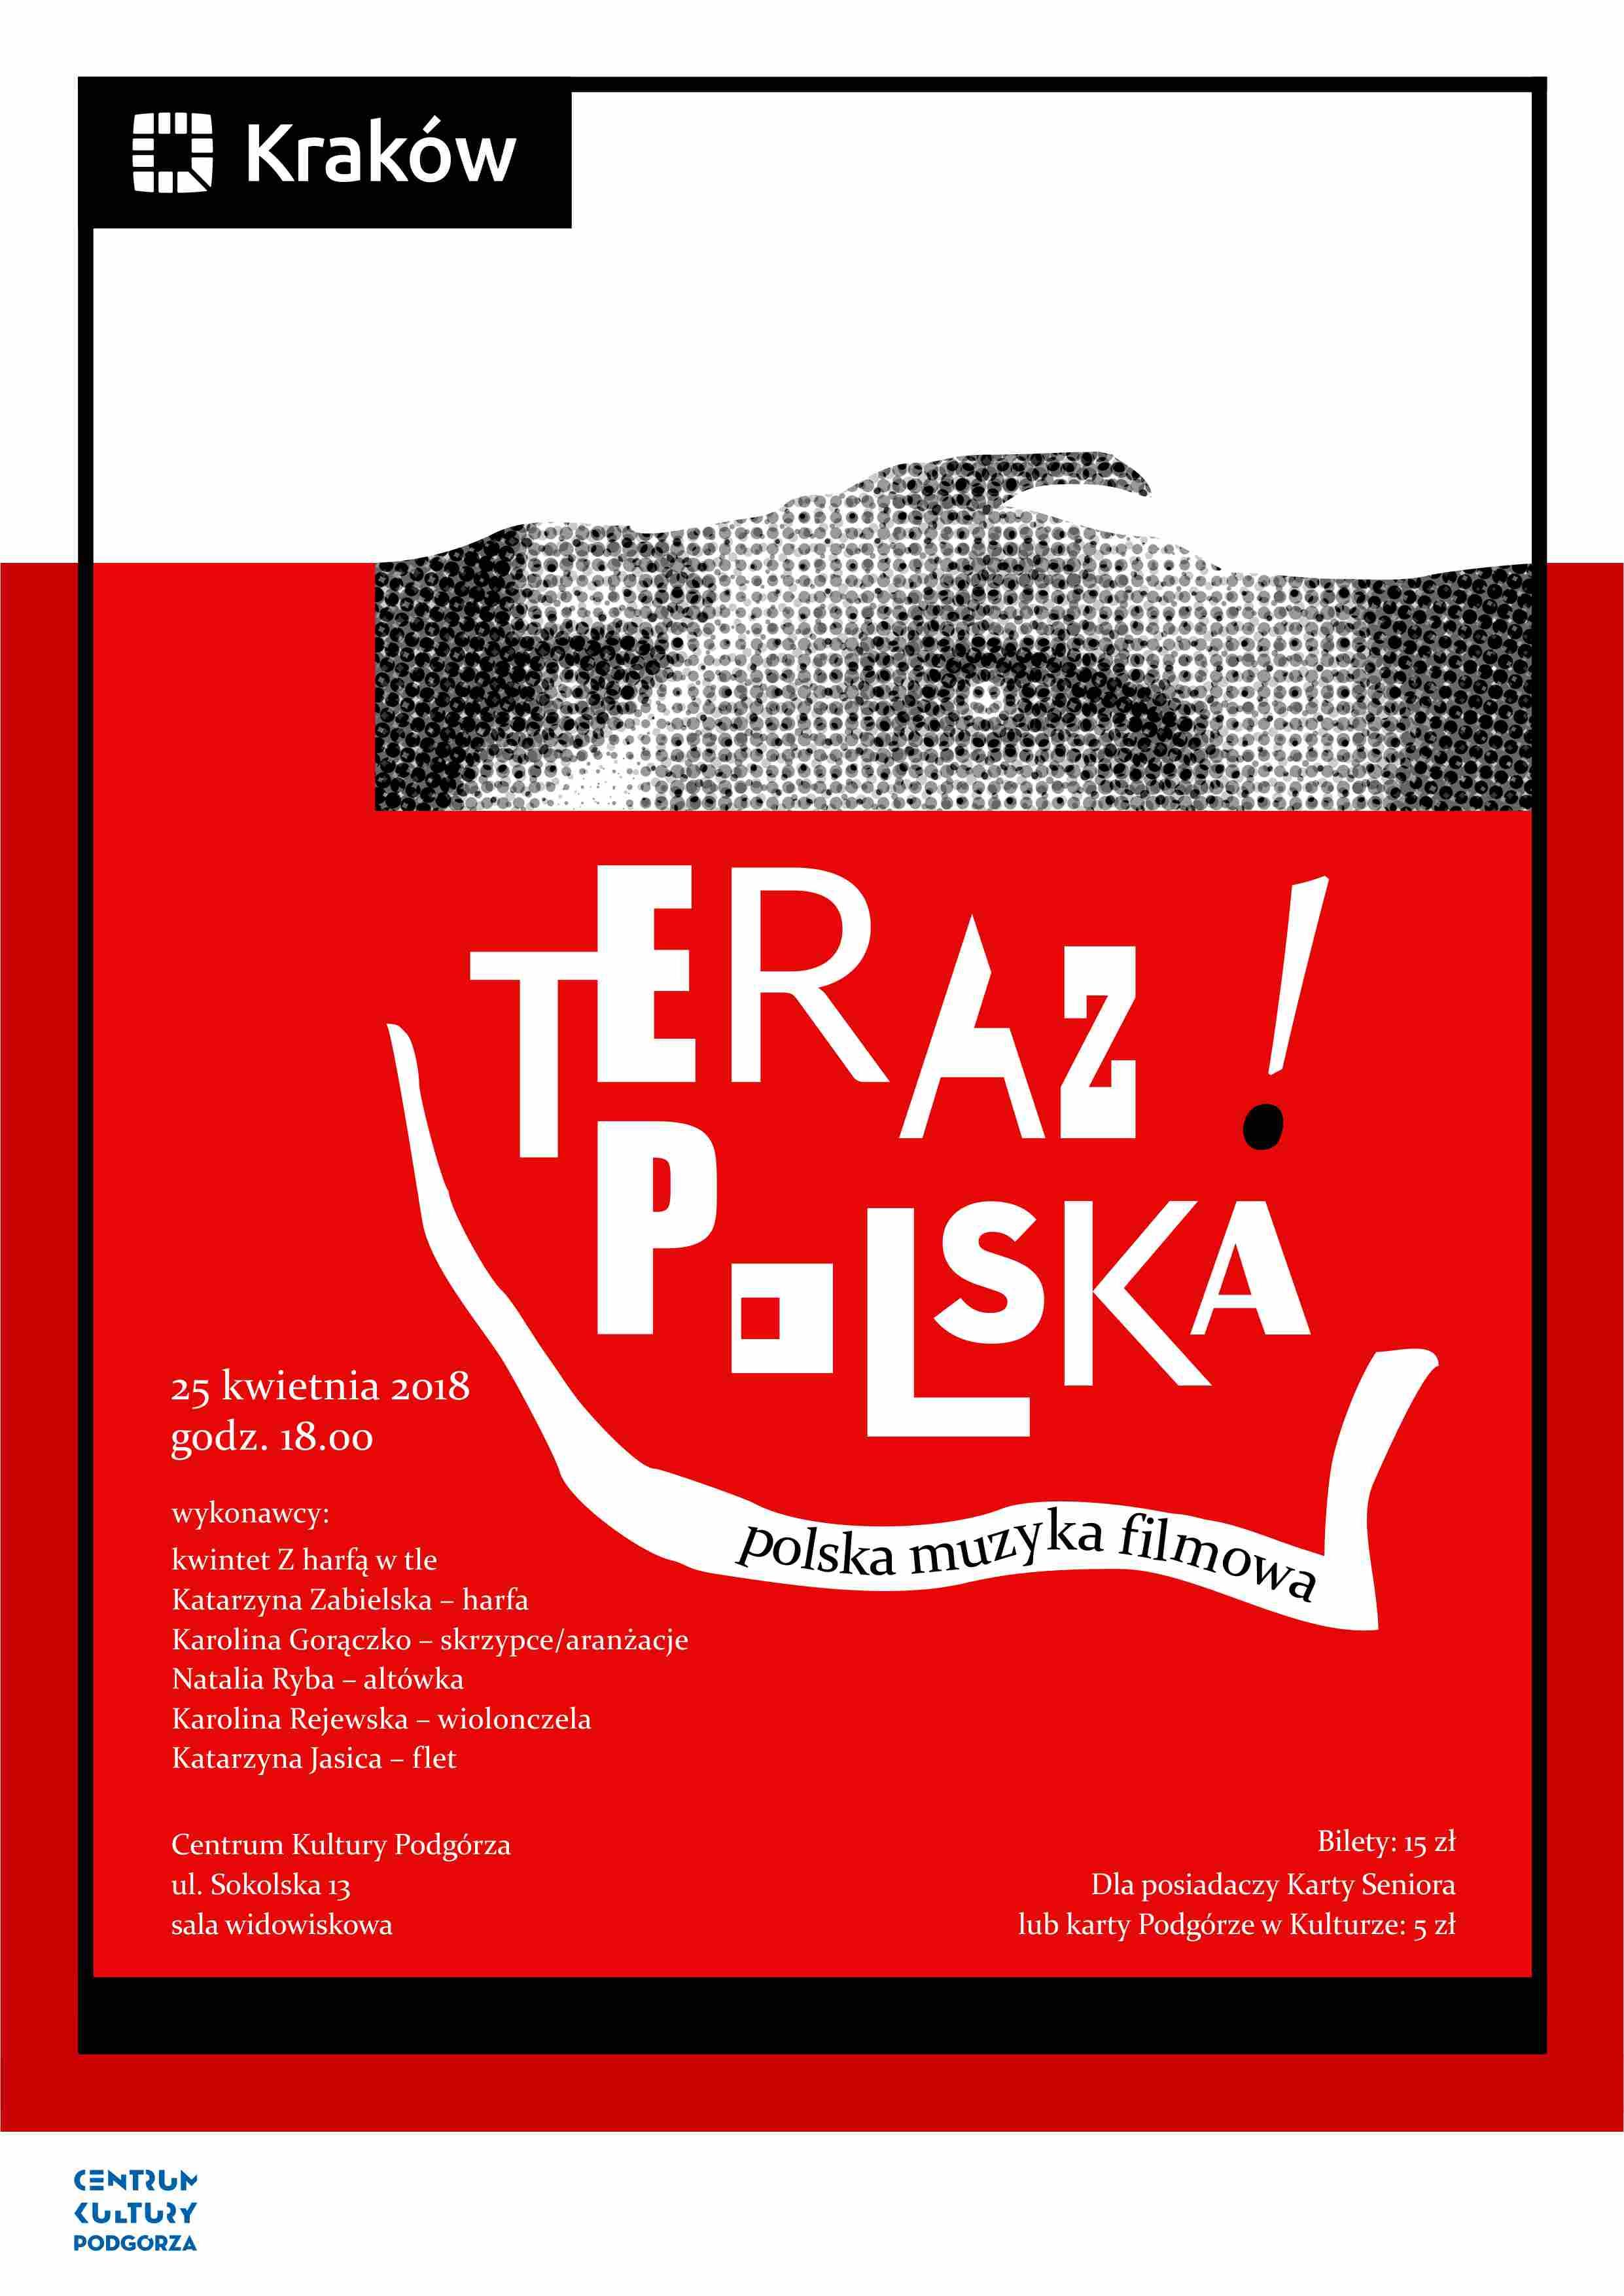 Koncert Teraz Polska Polska Muzyka Filmowa Kraków Bilety Na